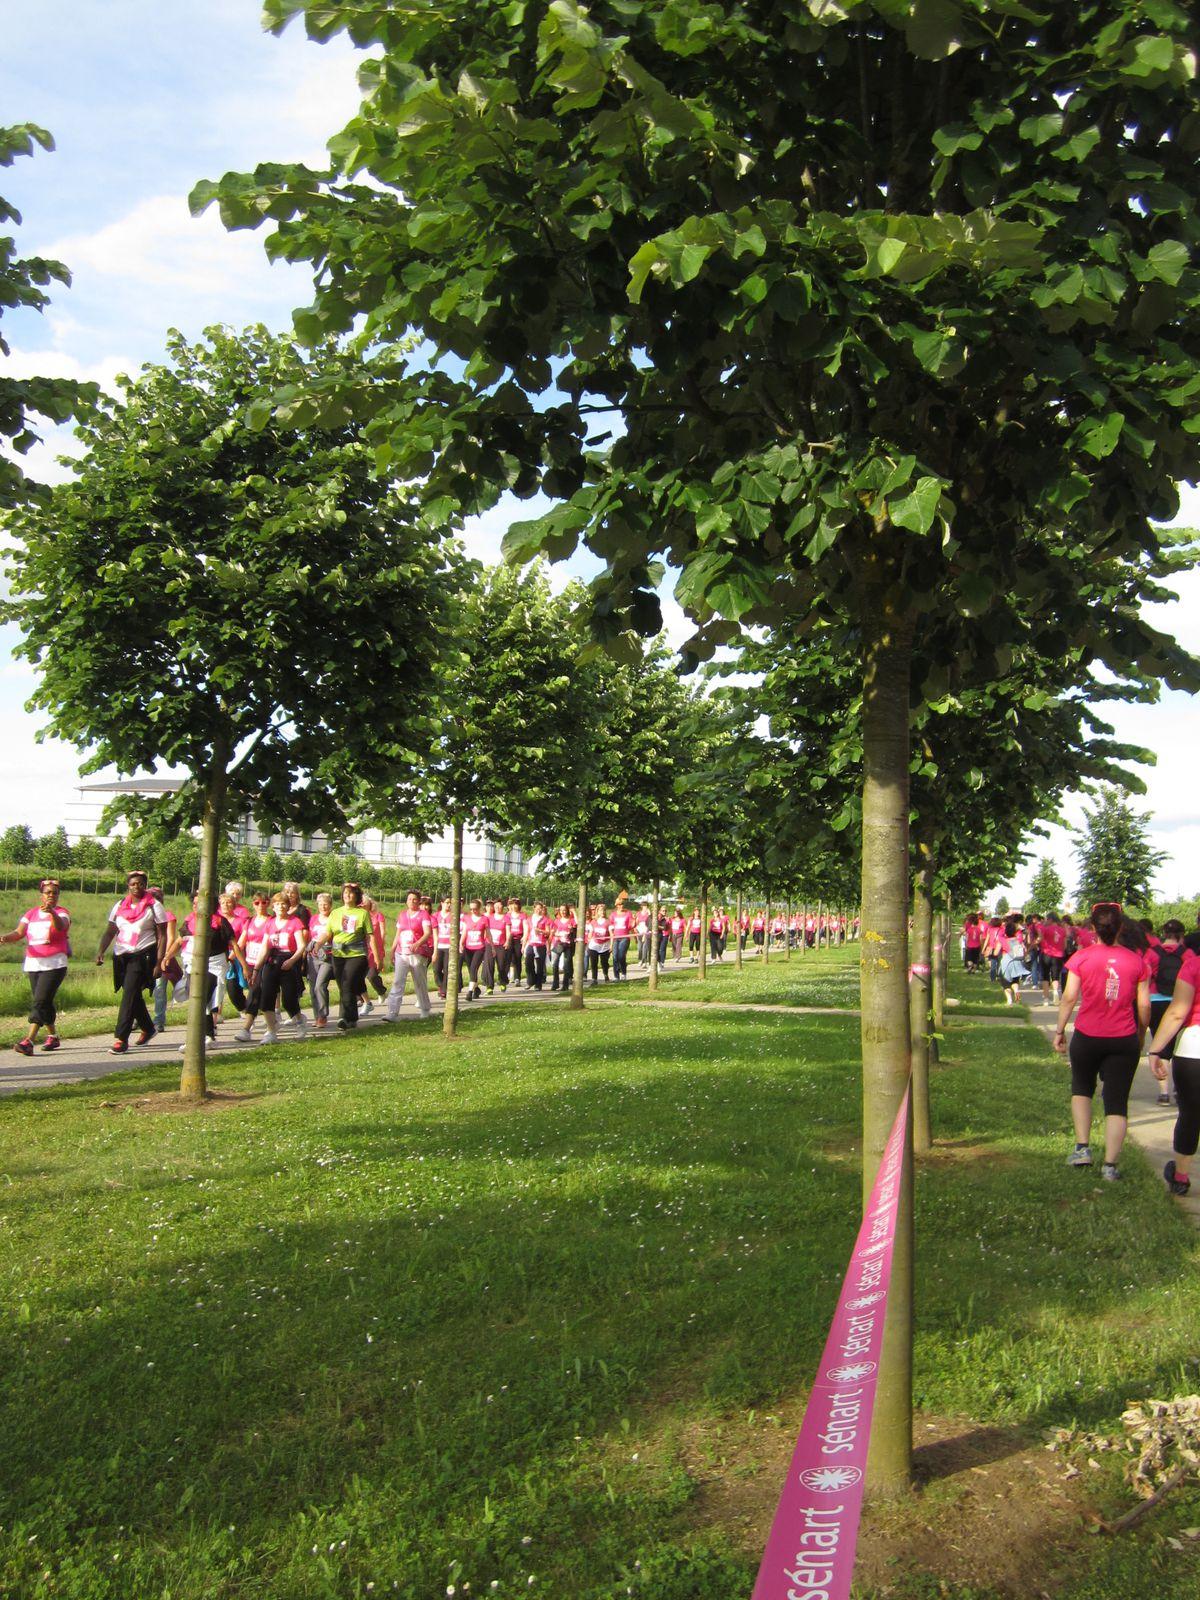 Rose, je n'ose ? Si , accompagnées de nos filles et petite-fille nous avons oser participer à la lutte !